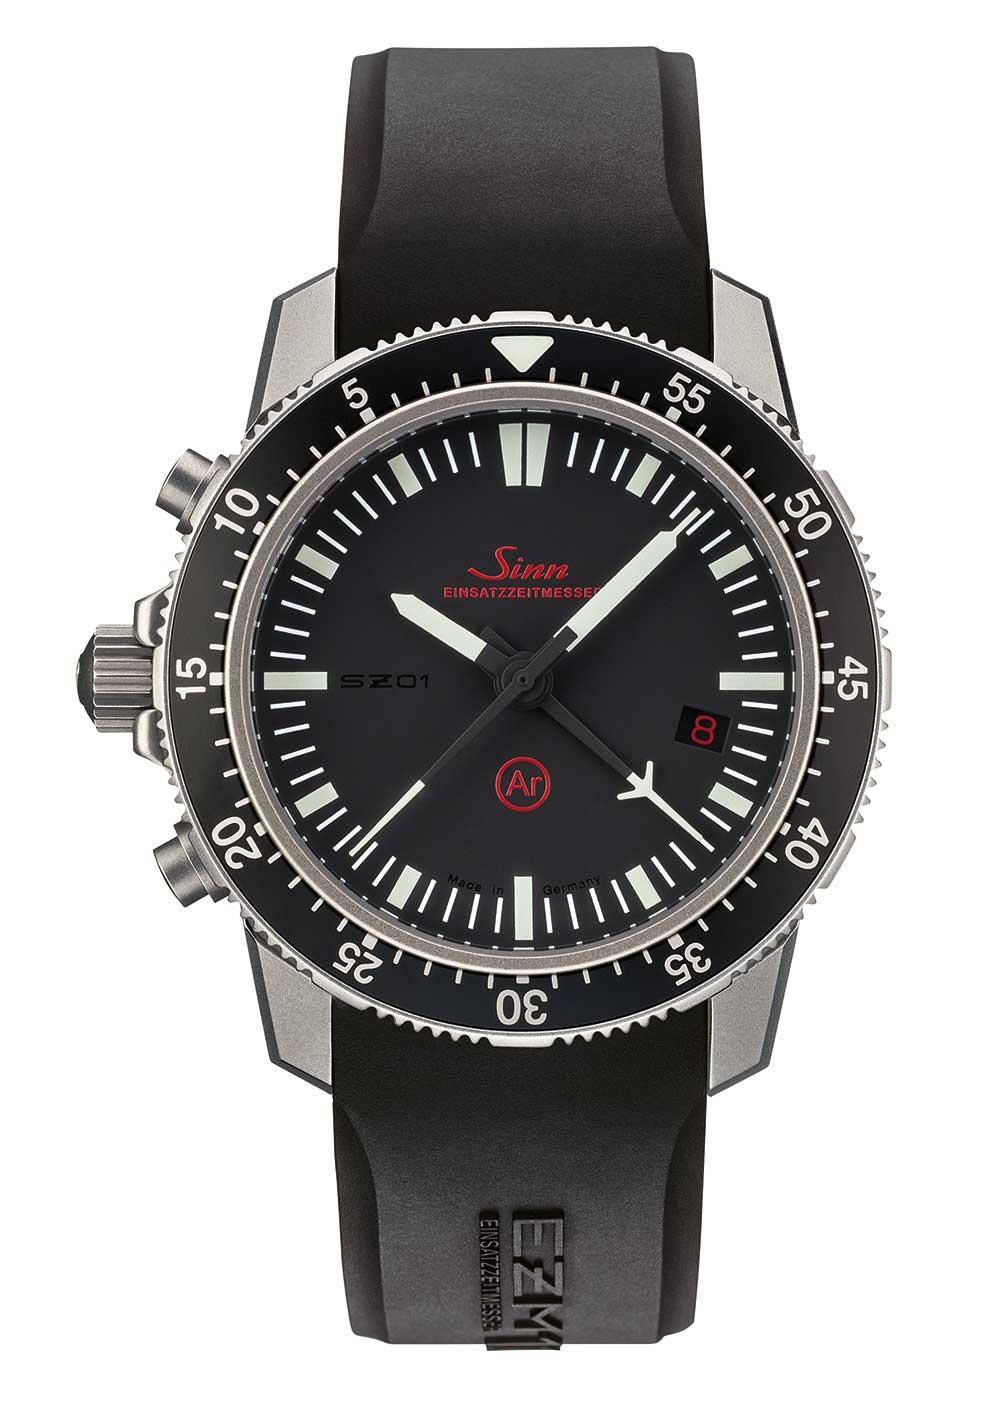 Sinn EZM 1.1 mission timer chronograph silicone strap